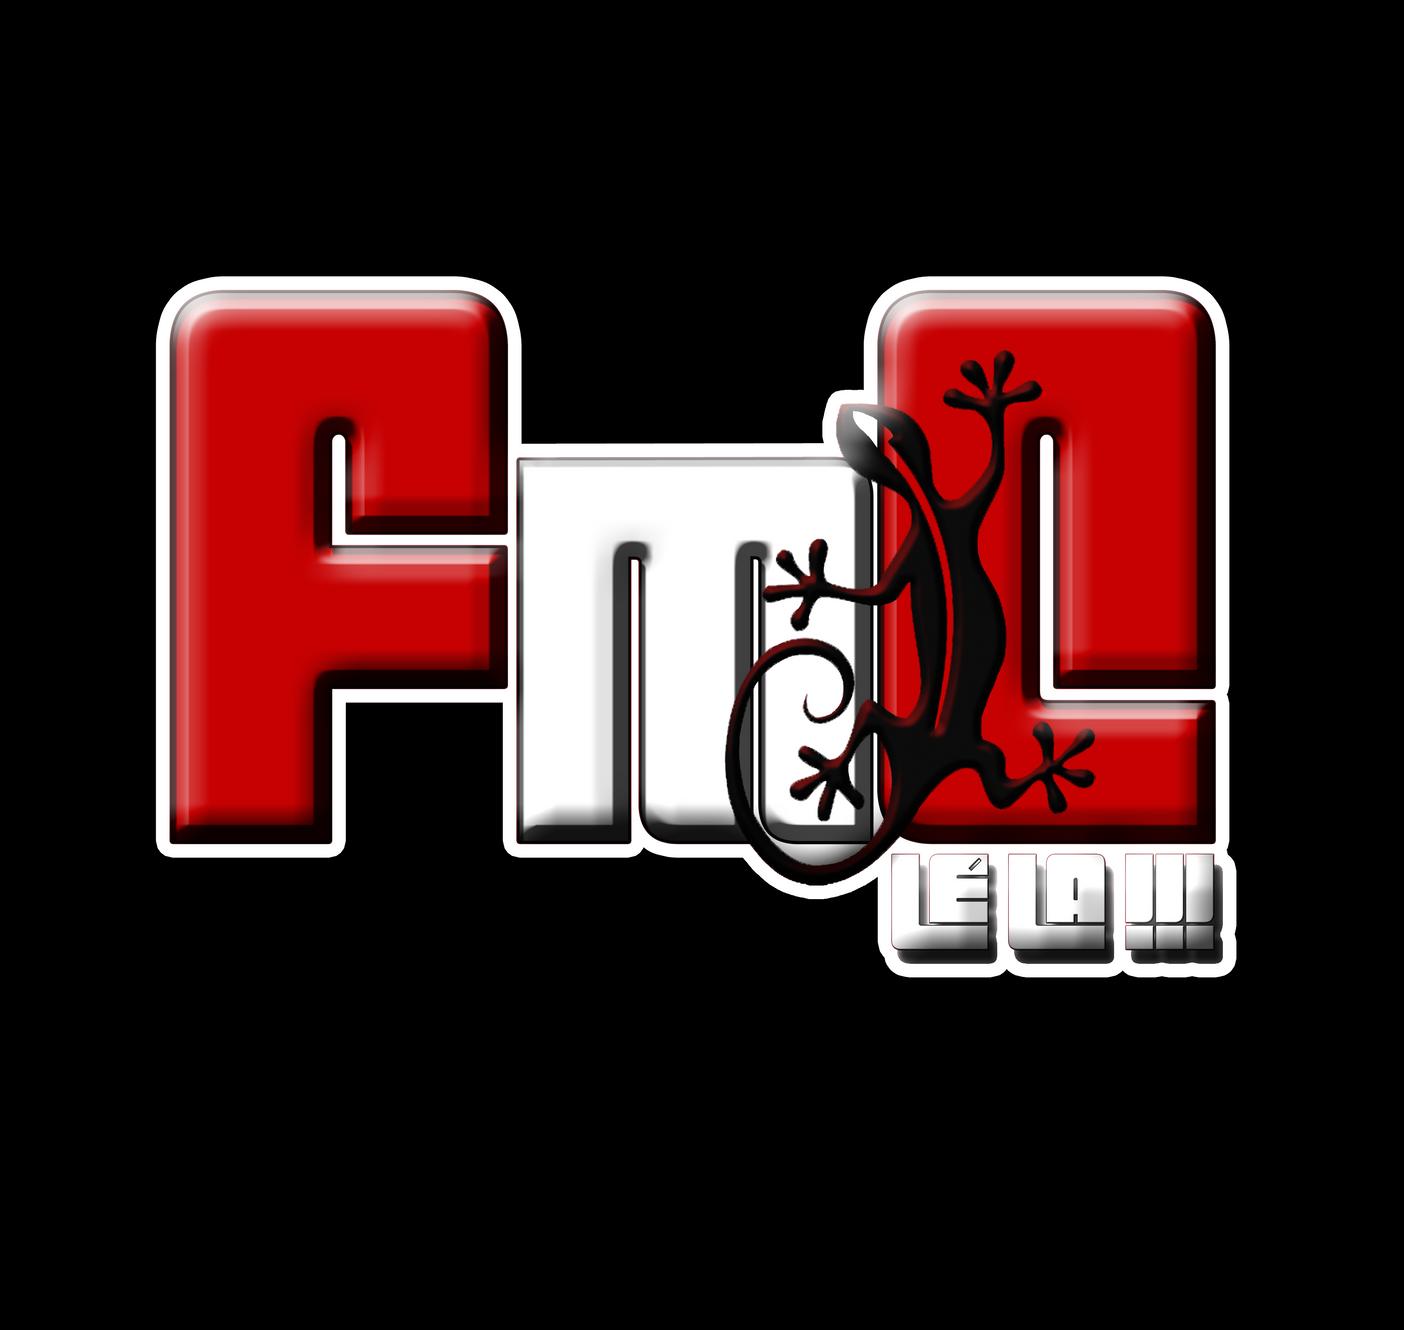 Les Musique FmC | Flash M Crew, Fédérateur de sourires et de